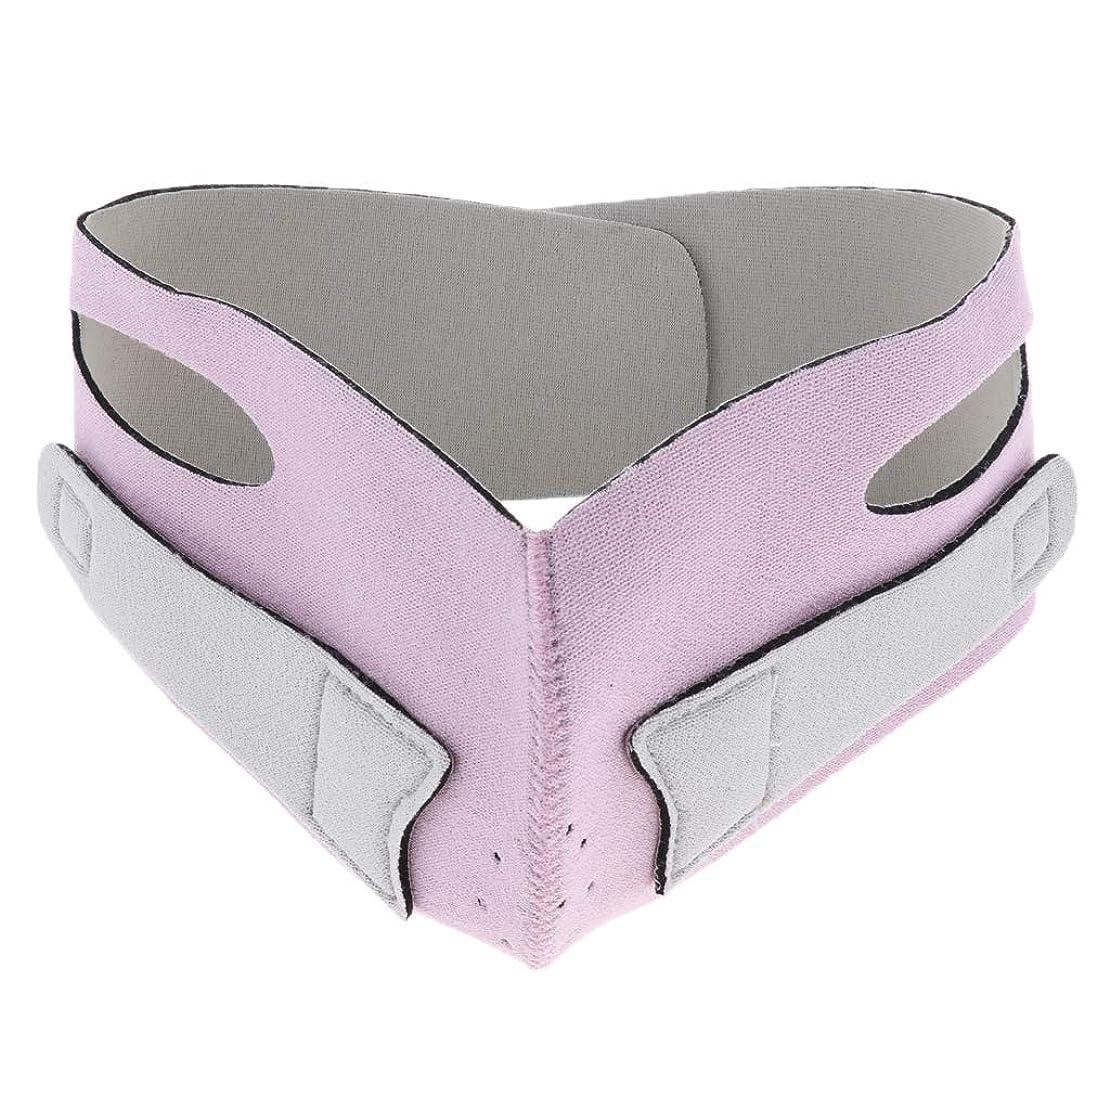 下着ハング大声でD DOLITY 引き上げマスク 頬リフトアップ V-ラインマスク リフティング リフトスリムマスク 通気性 全2色 - ピンク